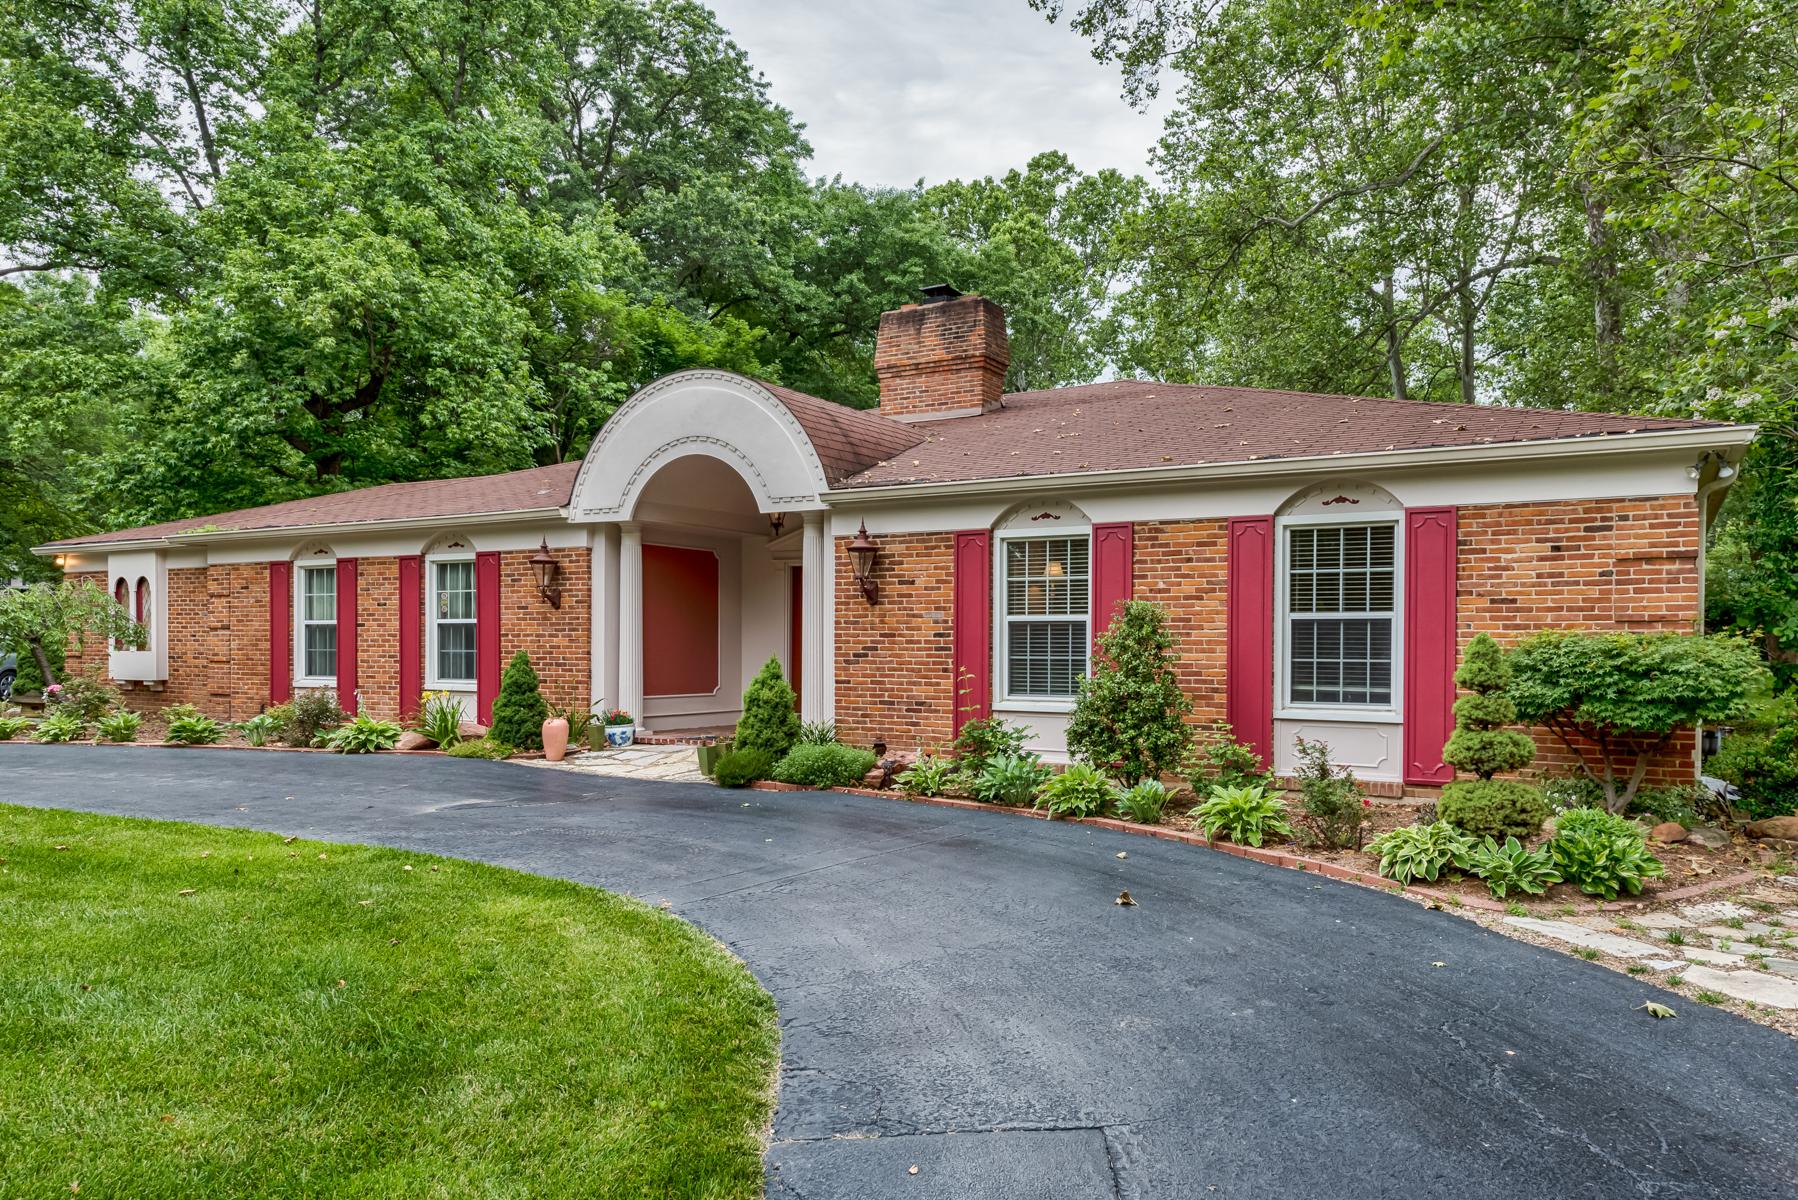 獨棟家庭住宅 為 出售 在 Dogwood Lane 6 Dogwood Lane Ladue, 密蘇里州, 63124 美國